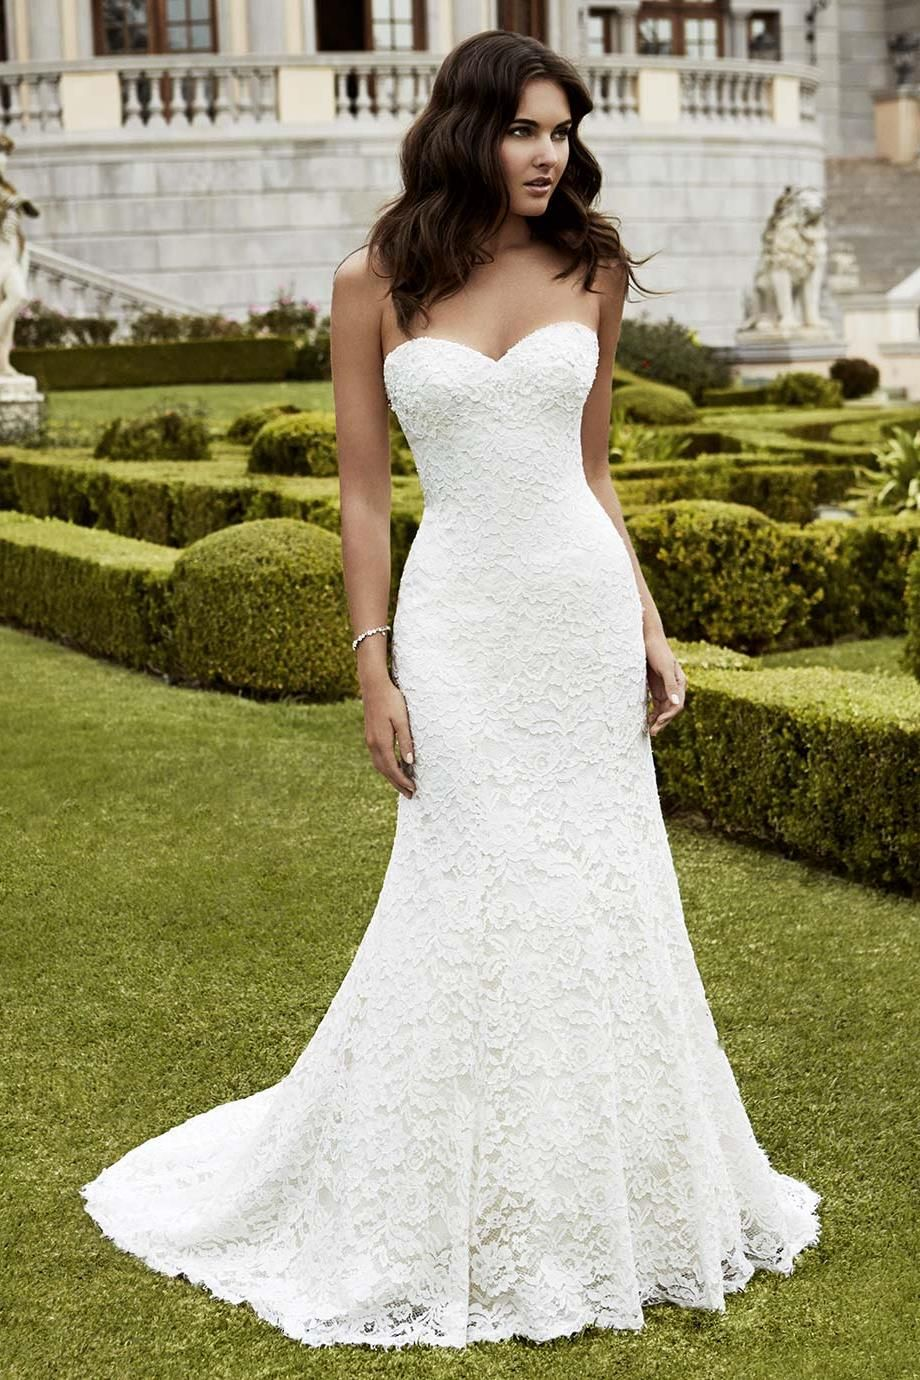 Isparta Hochzeiten Pinterest Wedding dress blue Wedding dress